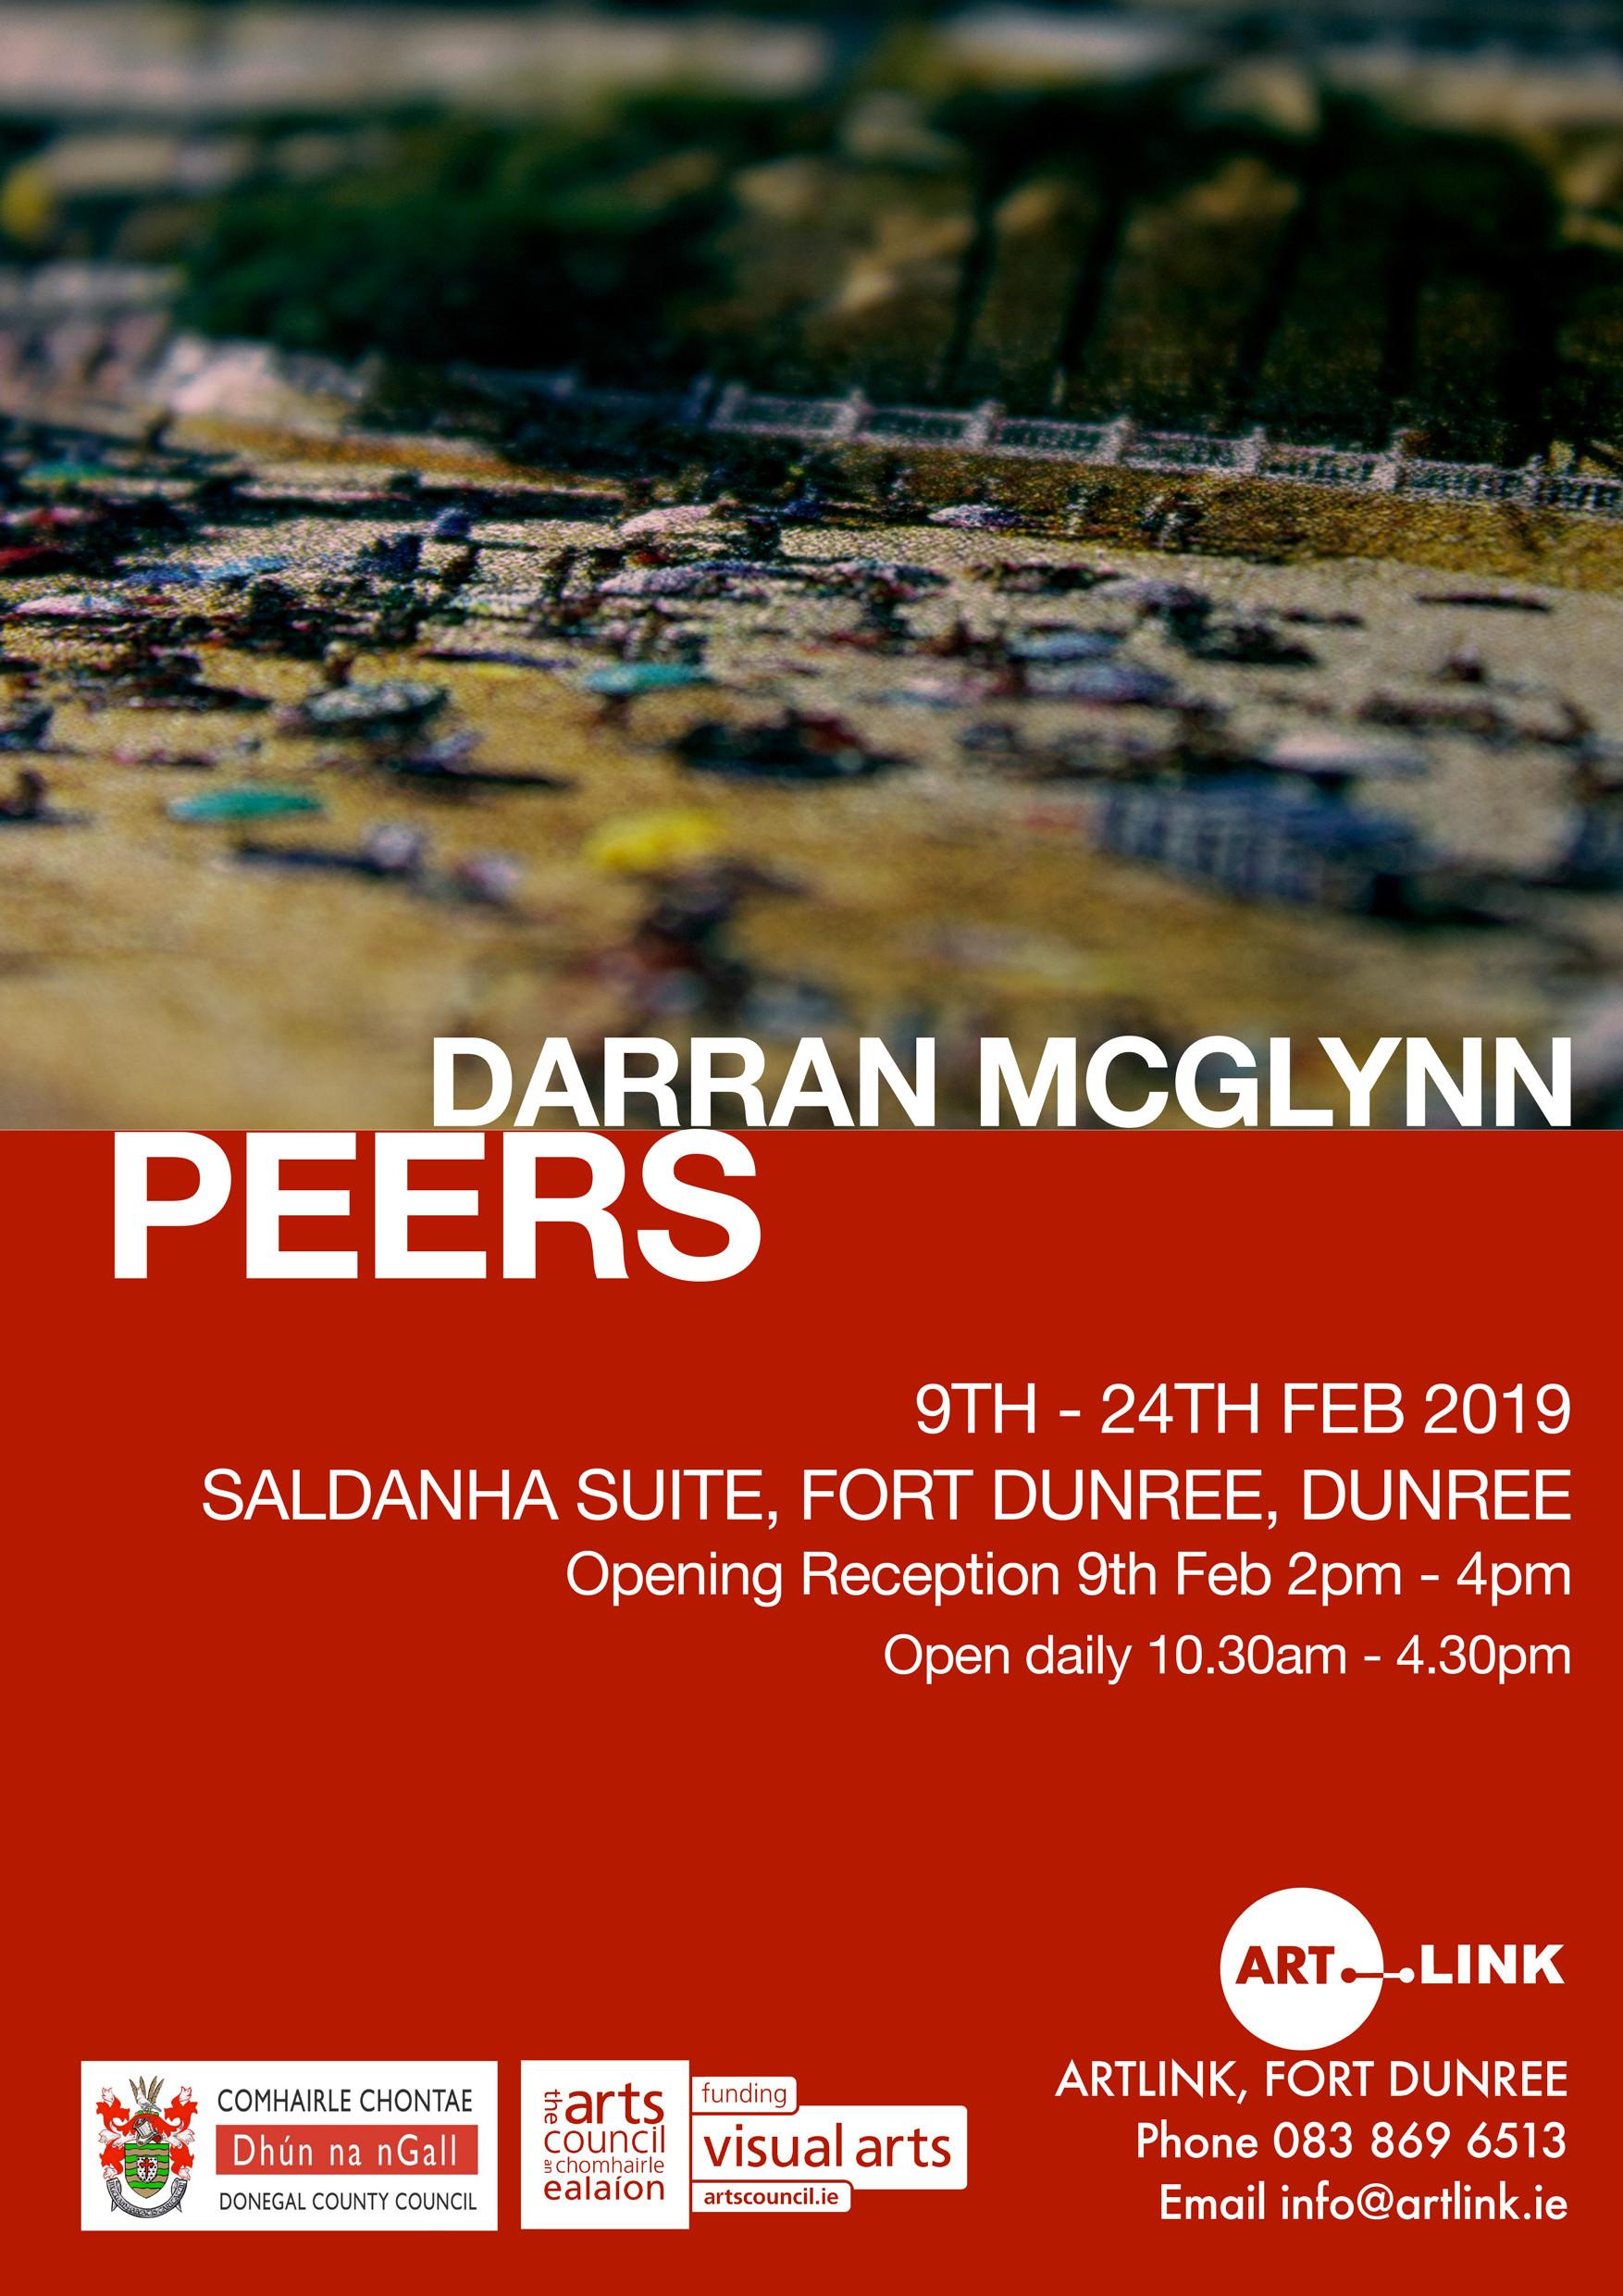 Darran McGlynn PEERS poster.jpg